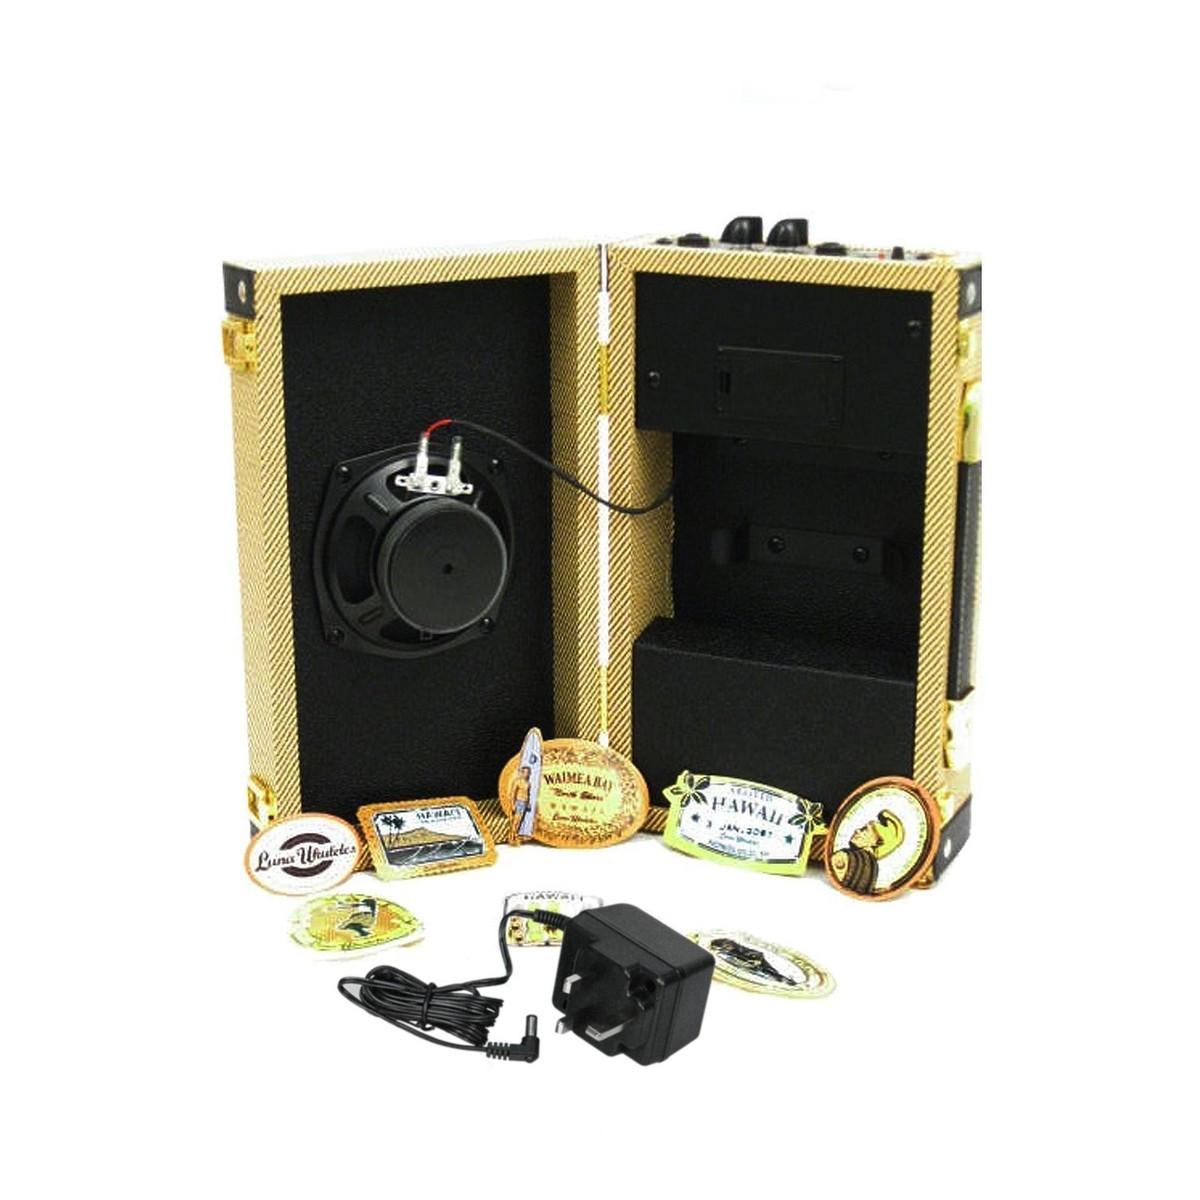 luna ukulele suitcase amp at gear4music. Black Bedroom Furniture Sets. Home Design Ideas